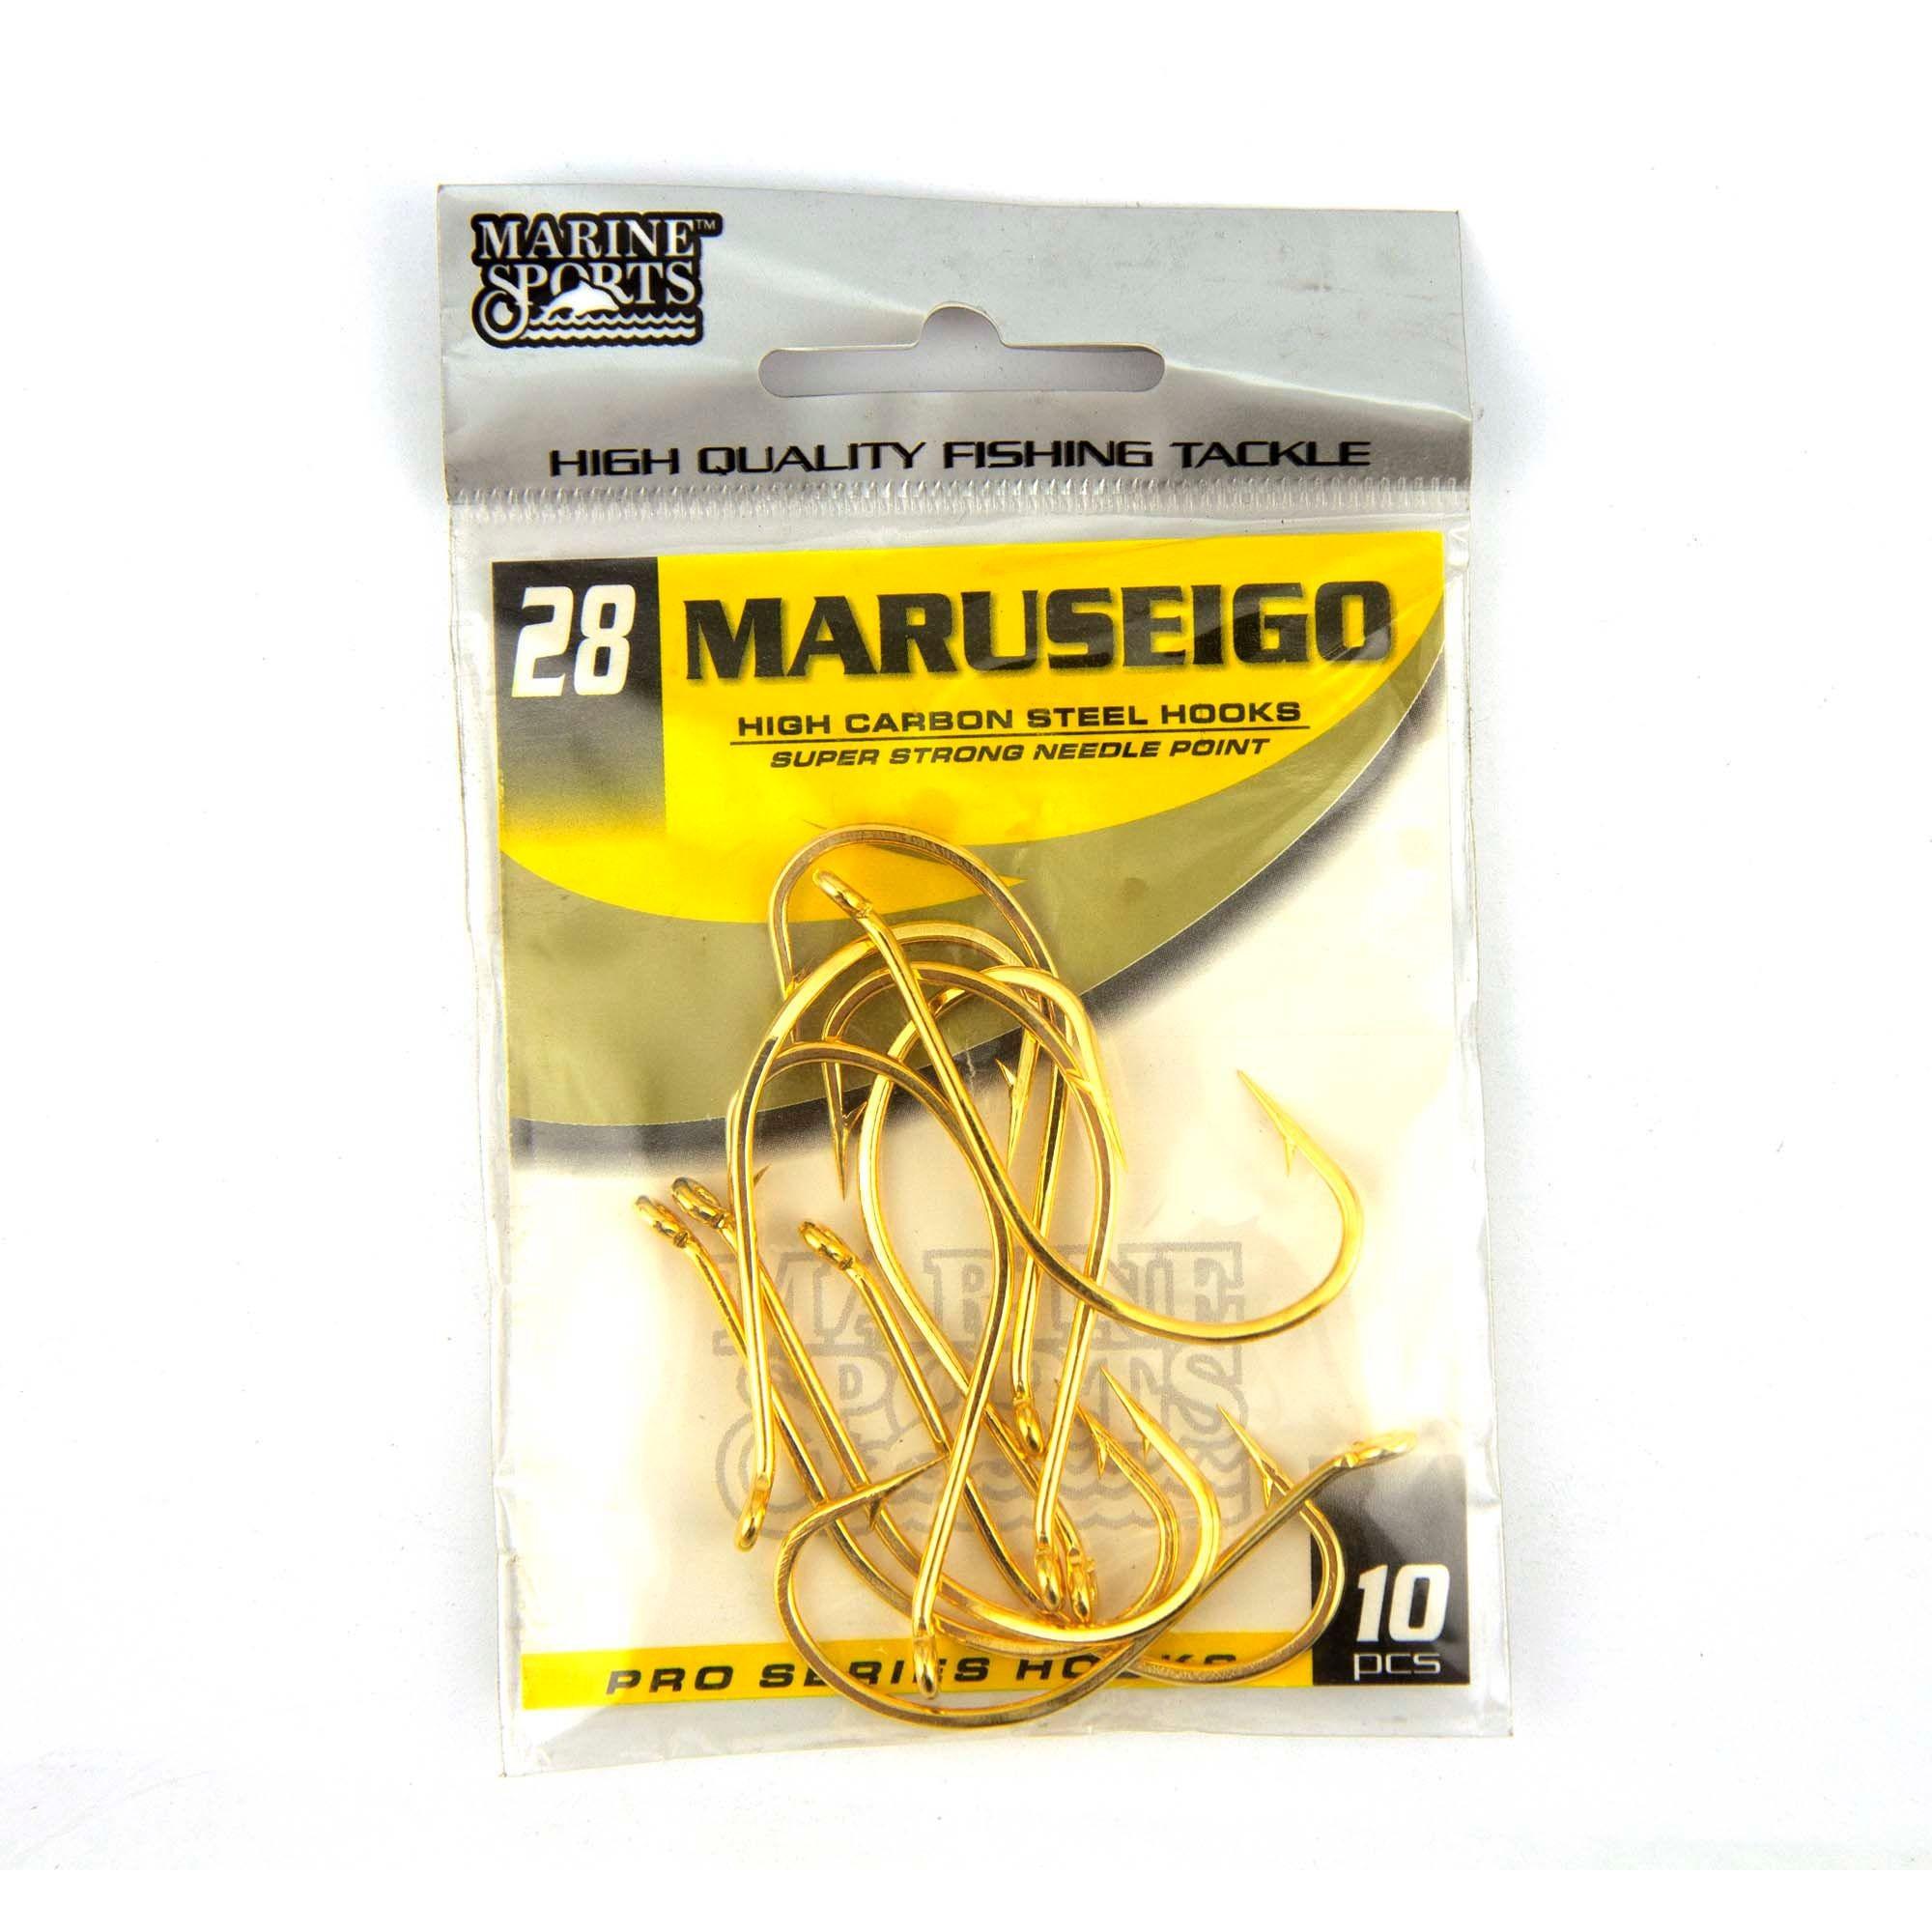 Anzol Maruseigo Gold nº 28 - 10 unidades  - Artpesca